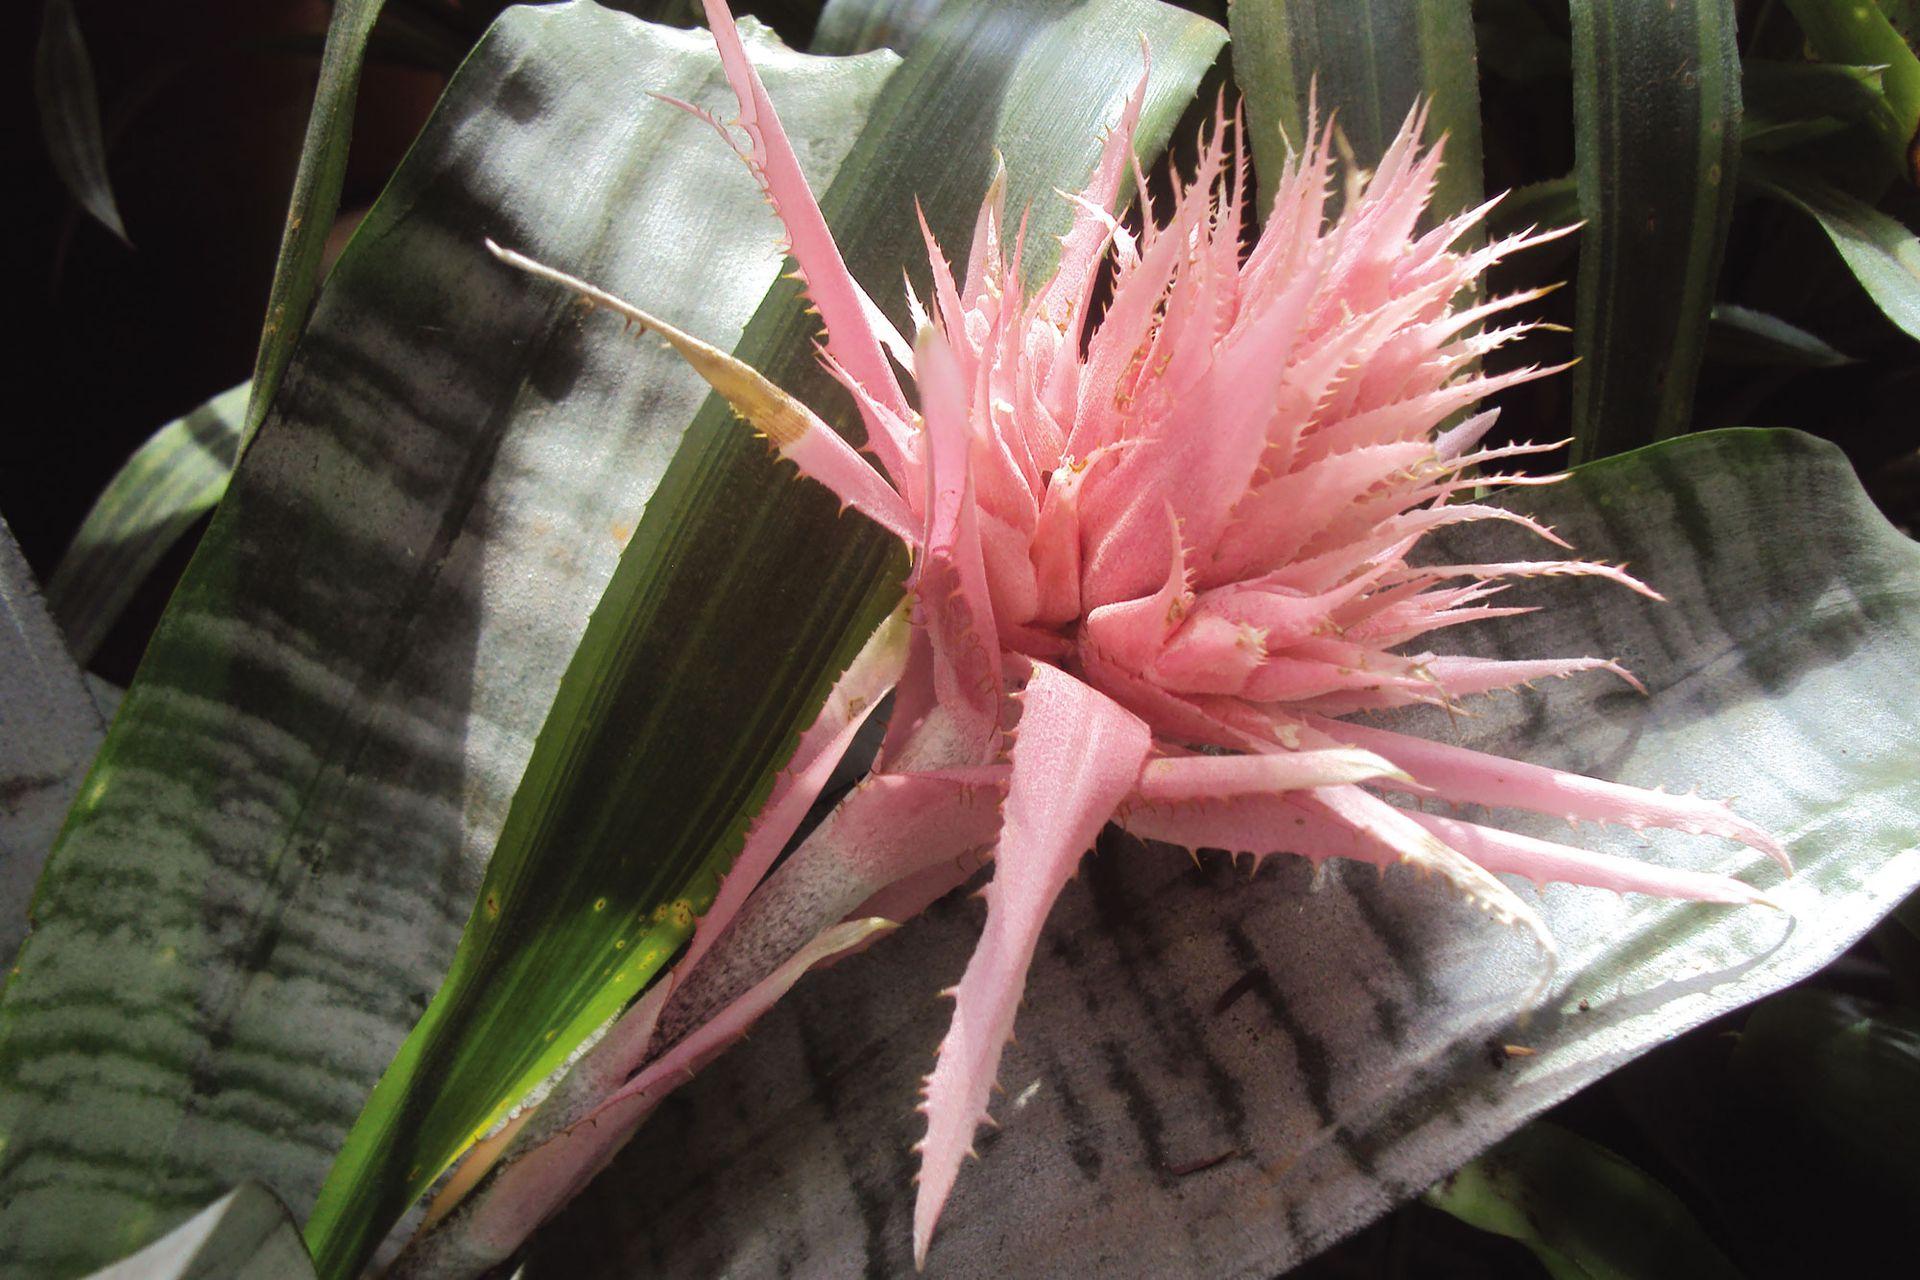 Una de las bromelias más usadas en interiores, Aechmea fasciata: forma una roseta gris verdoso y de su centro nace una flor rosada que puede durar varios meses.